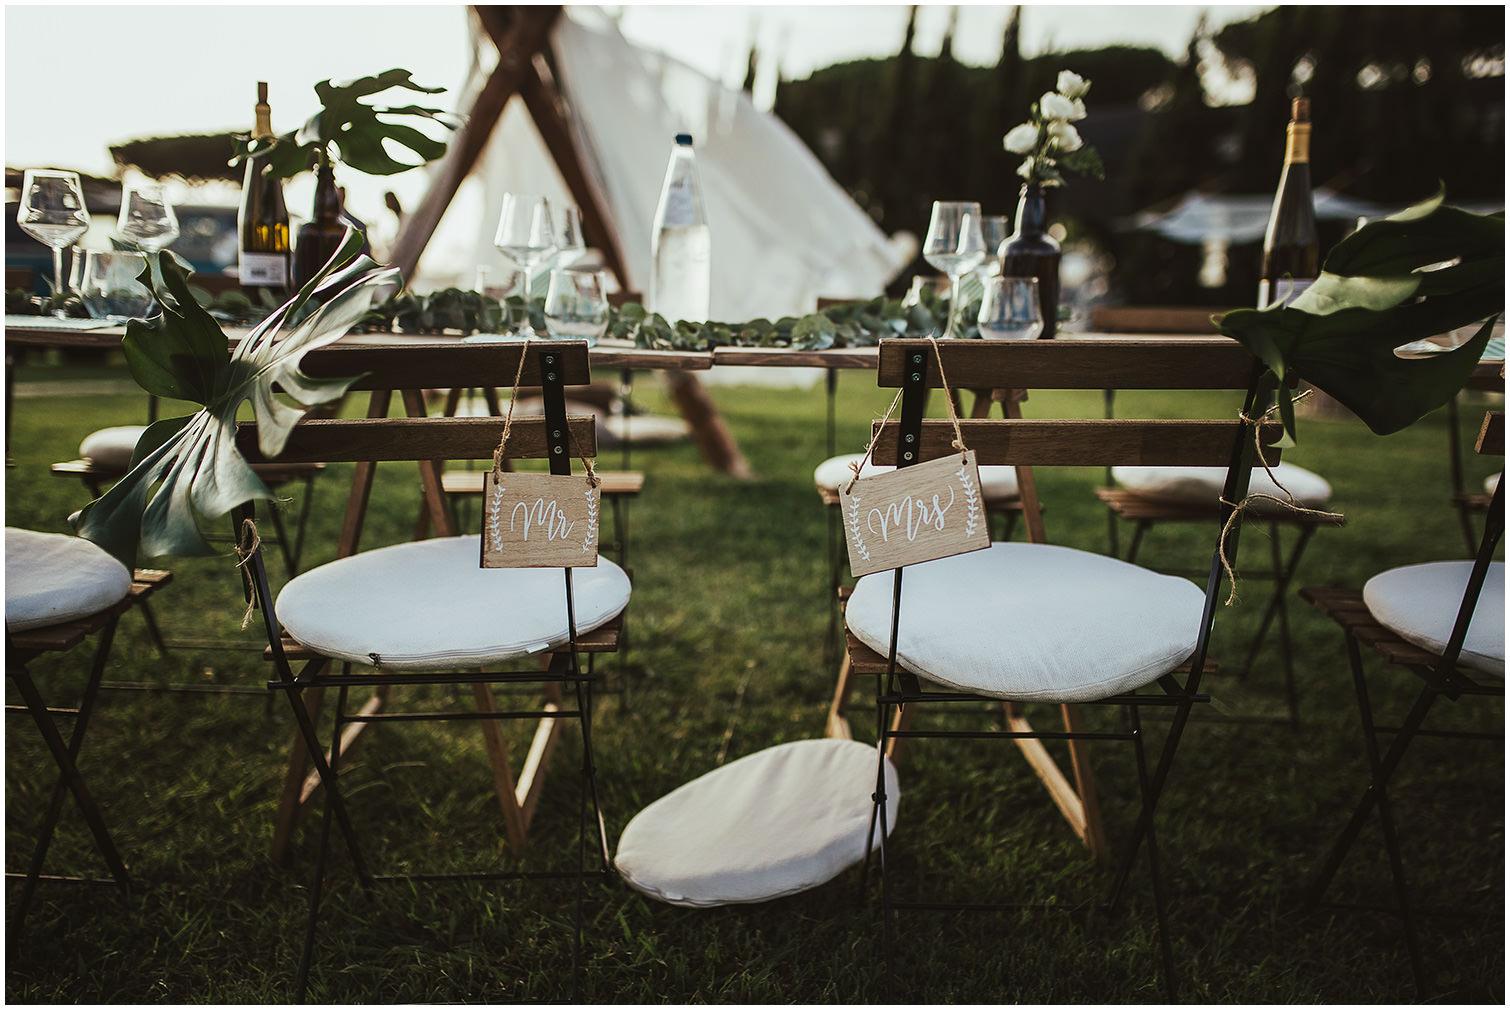 CLARA-RICCARDO-MATRIMONIO-CIRCO-VOLAVOILA-ROMA-SARA-LORENZONI-WEDDING-PHOTOGRAPHY-060